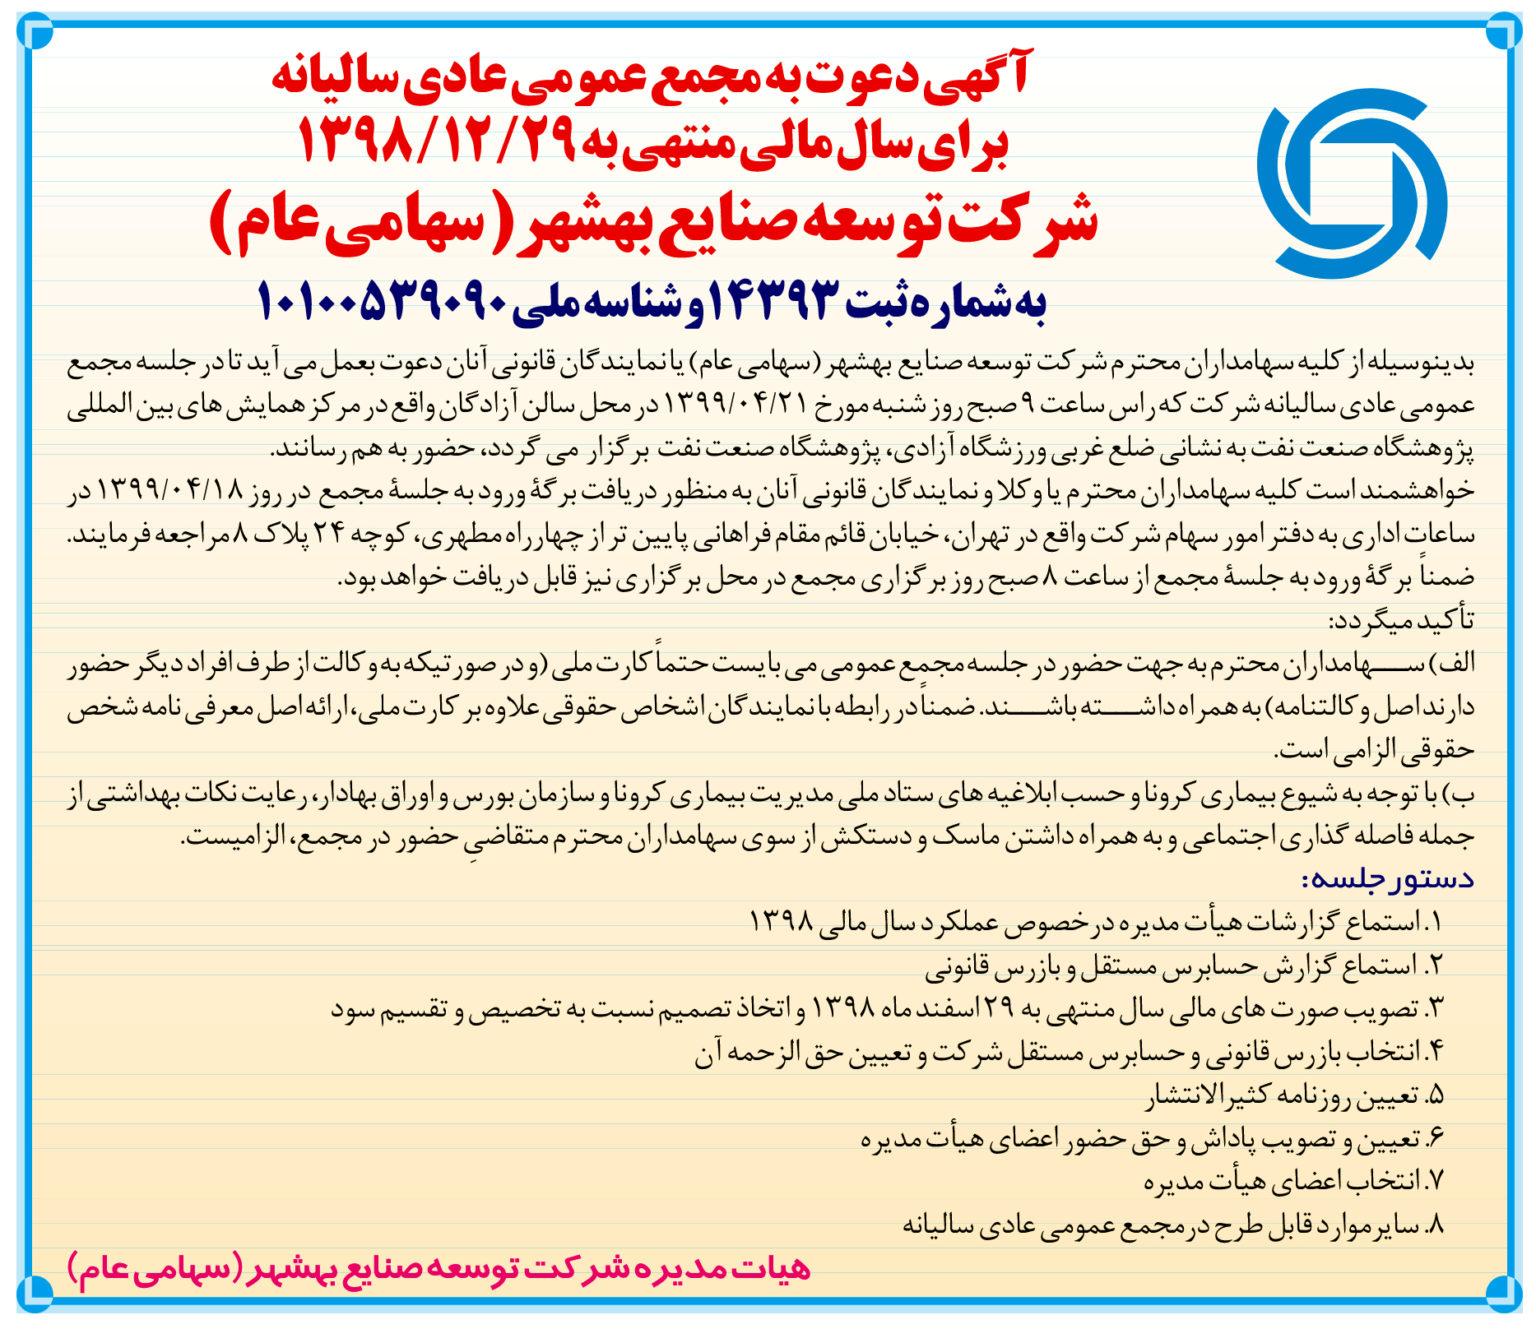 مجمع شرکت توسعه صنایع بهشهر 1